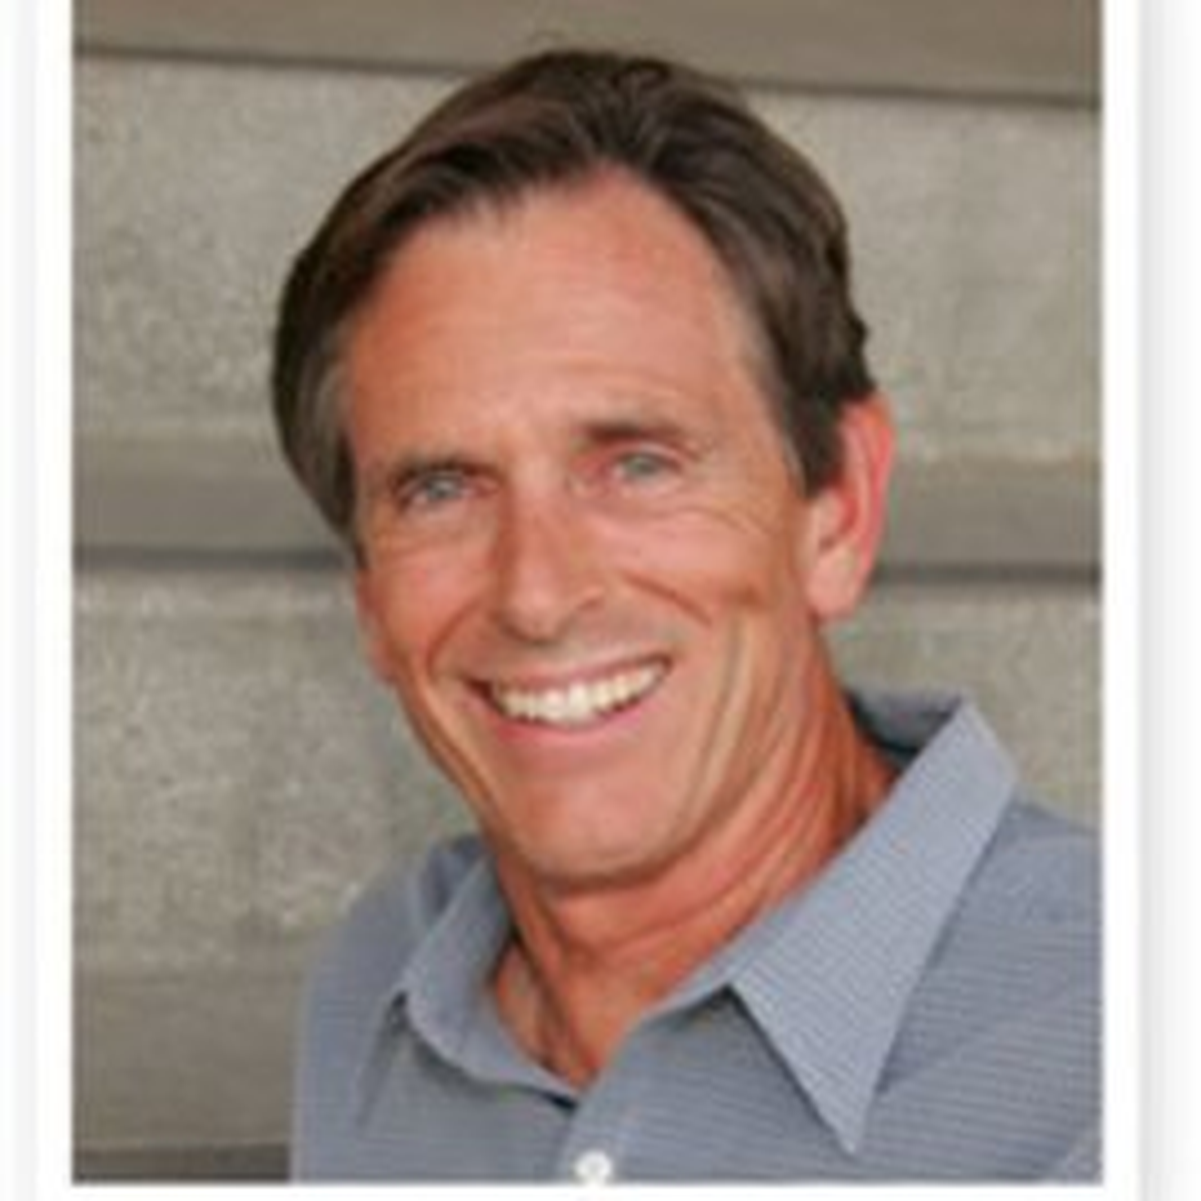 Steven G. Pratt